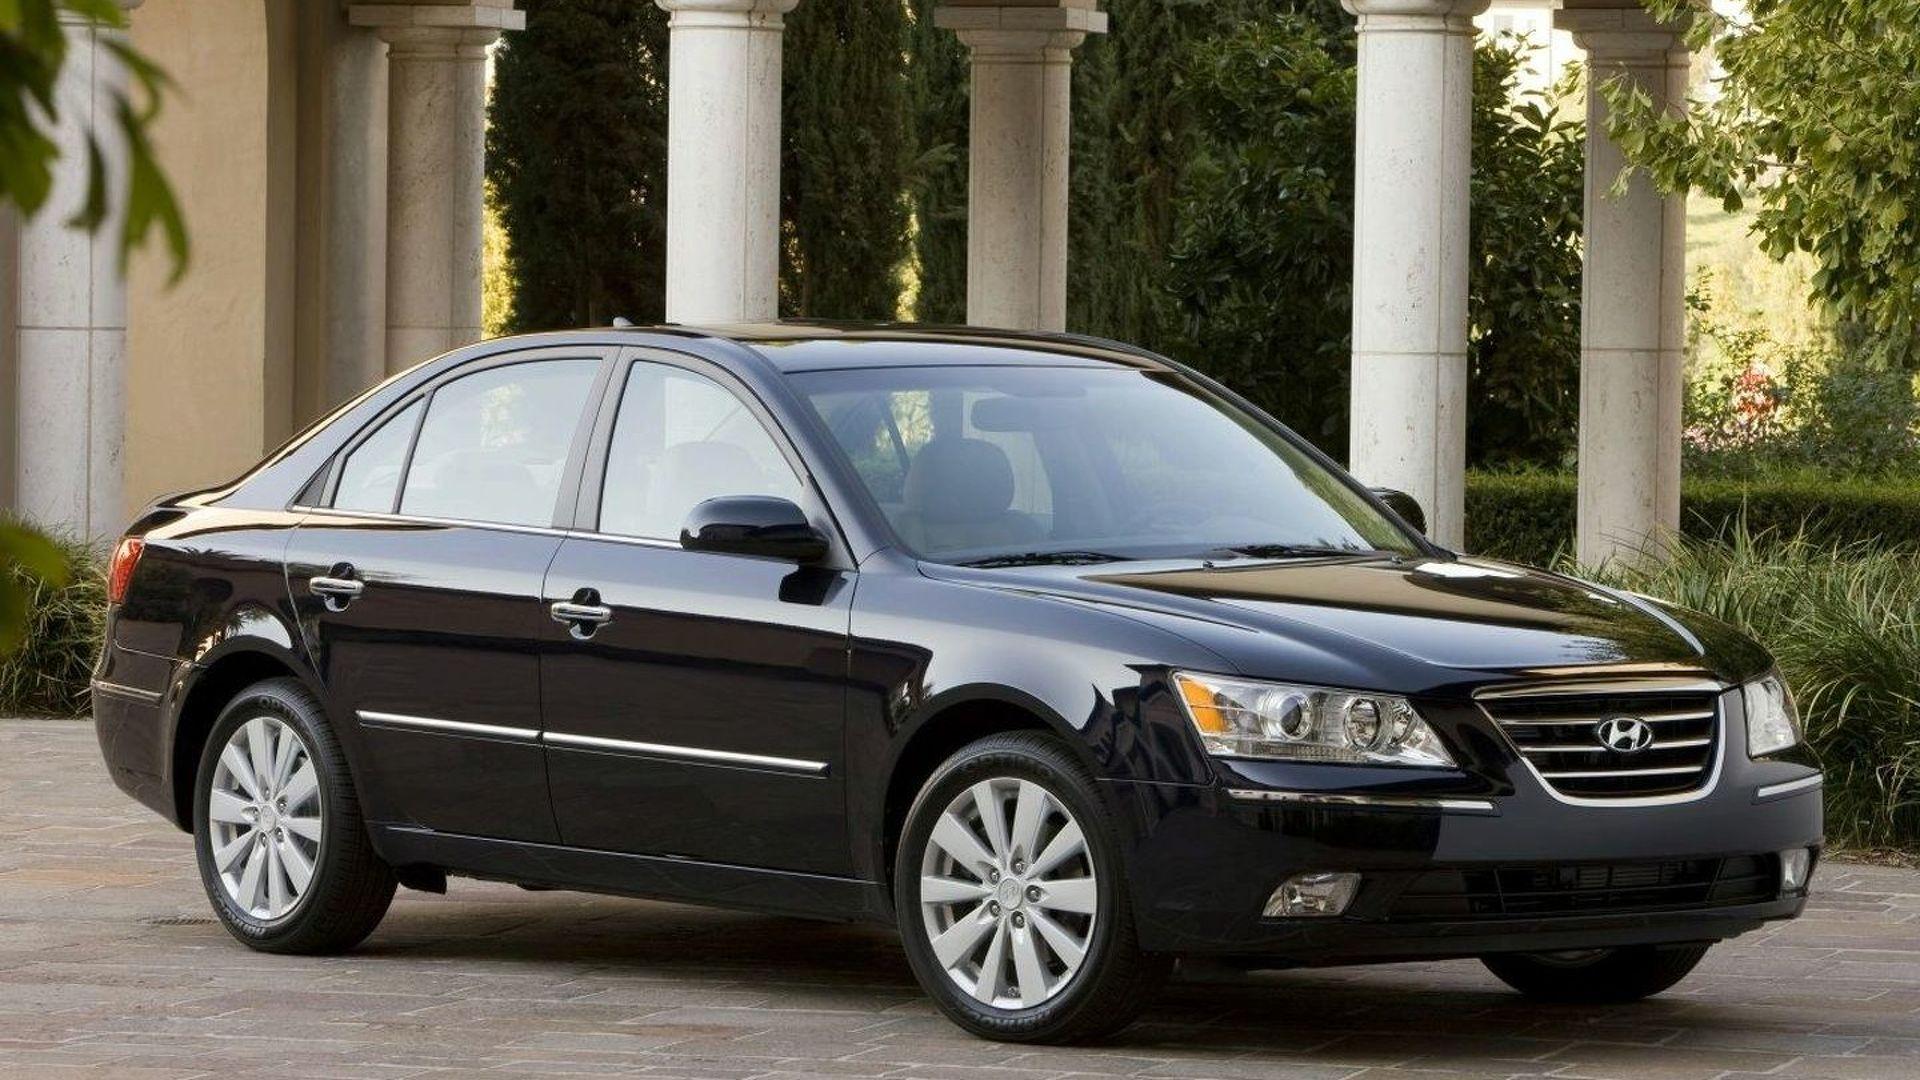 2009 Hyundai Sonata Pricing (US)